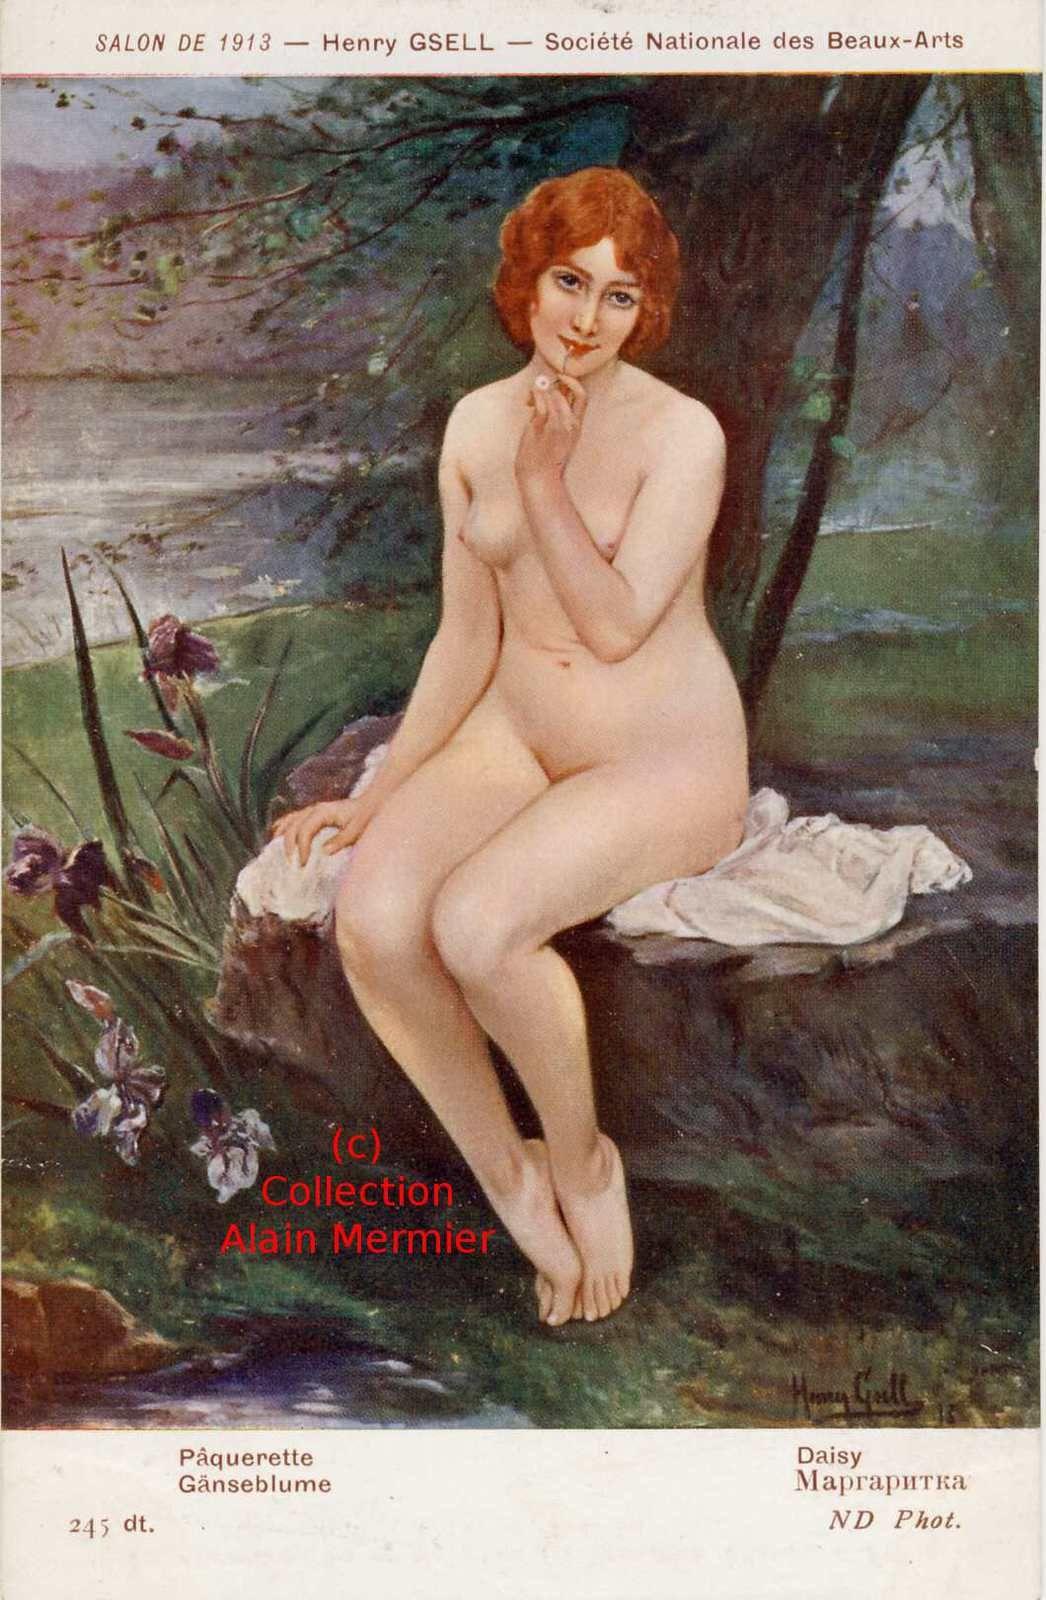 Iris -2068- Illustrateur GSELL Henri : Pâquerette. Salon de 1913. France.